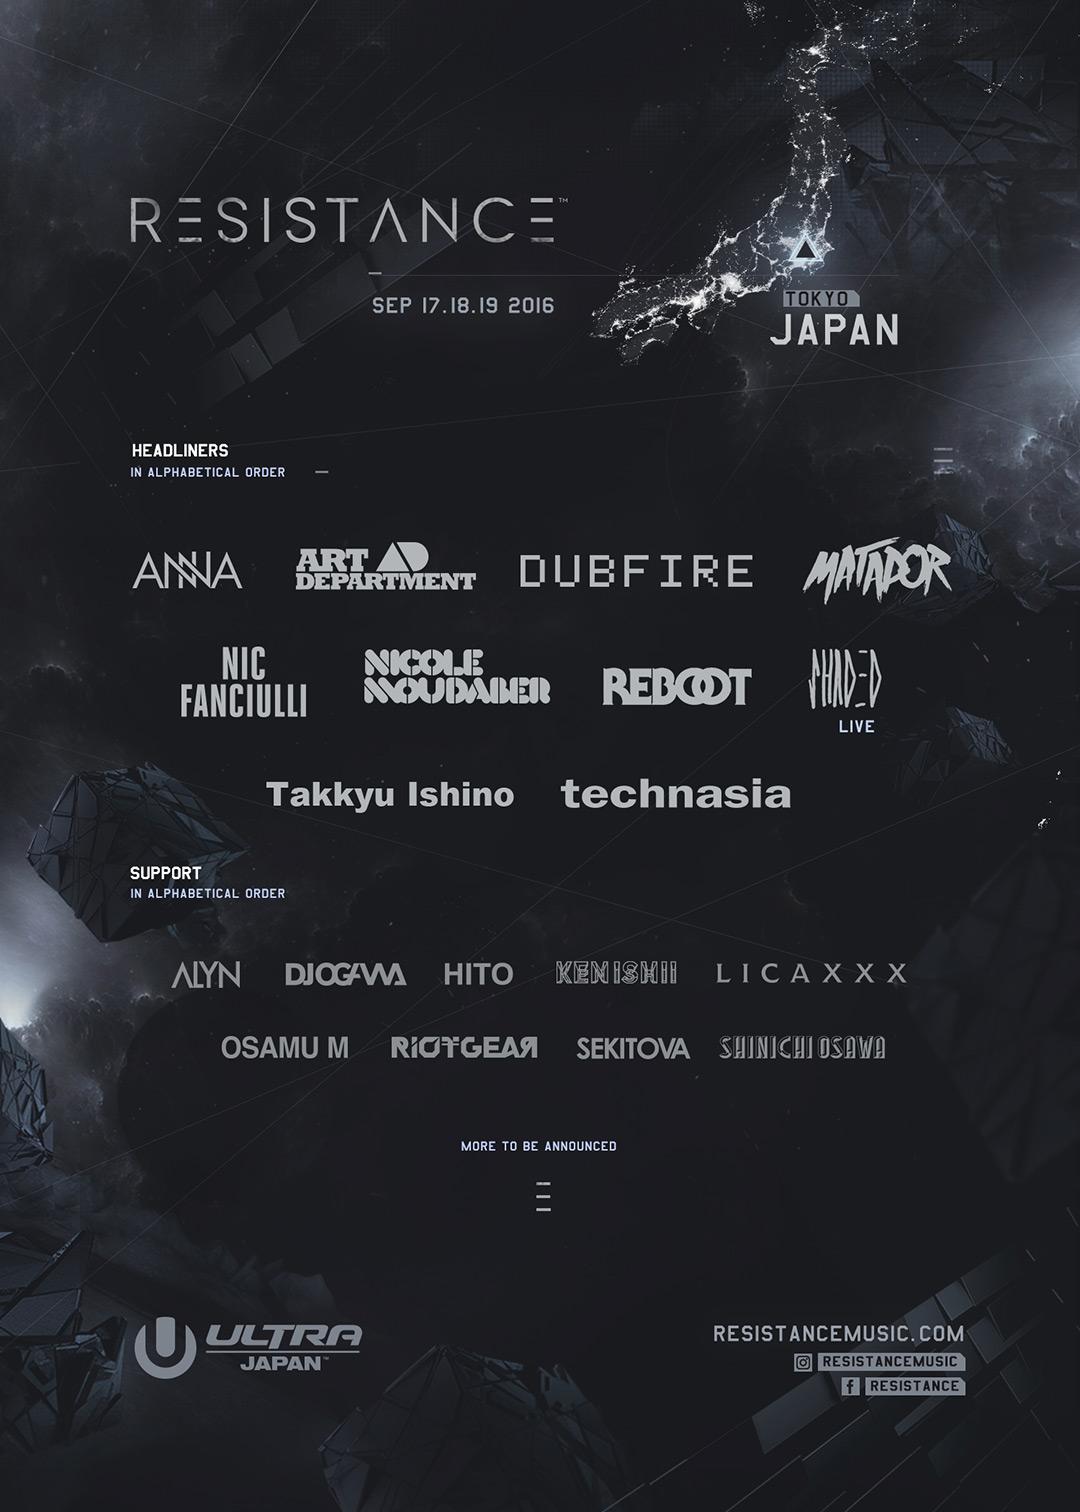 resistance-japan-billing